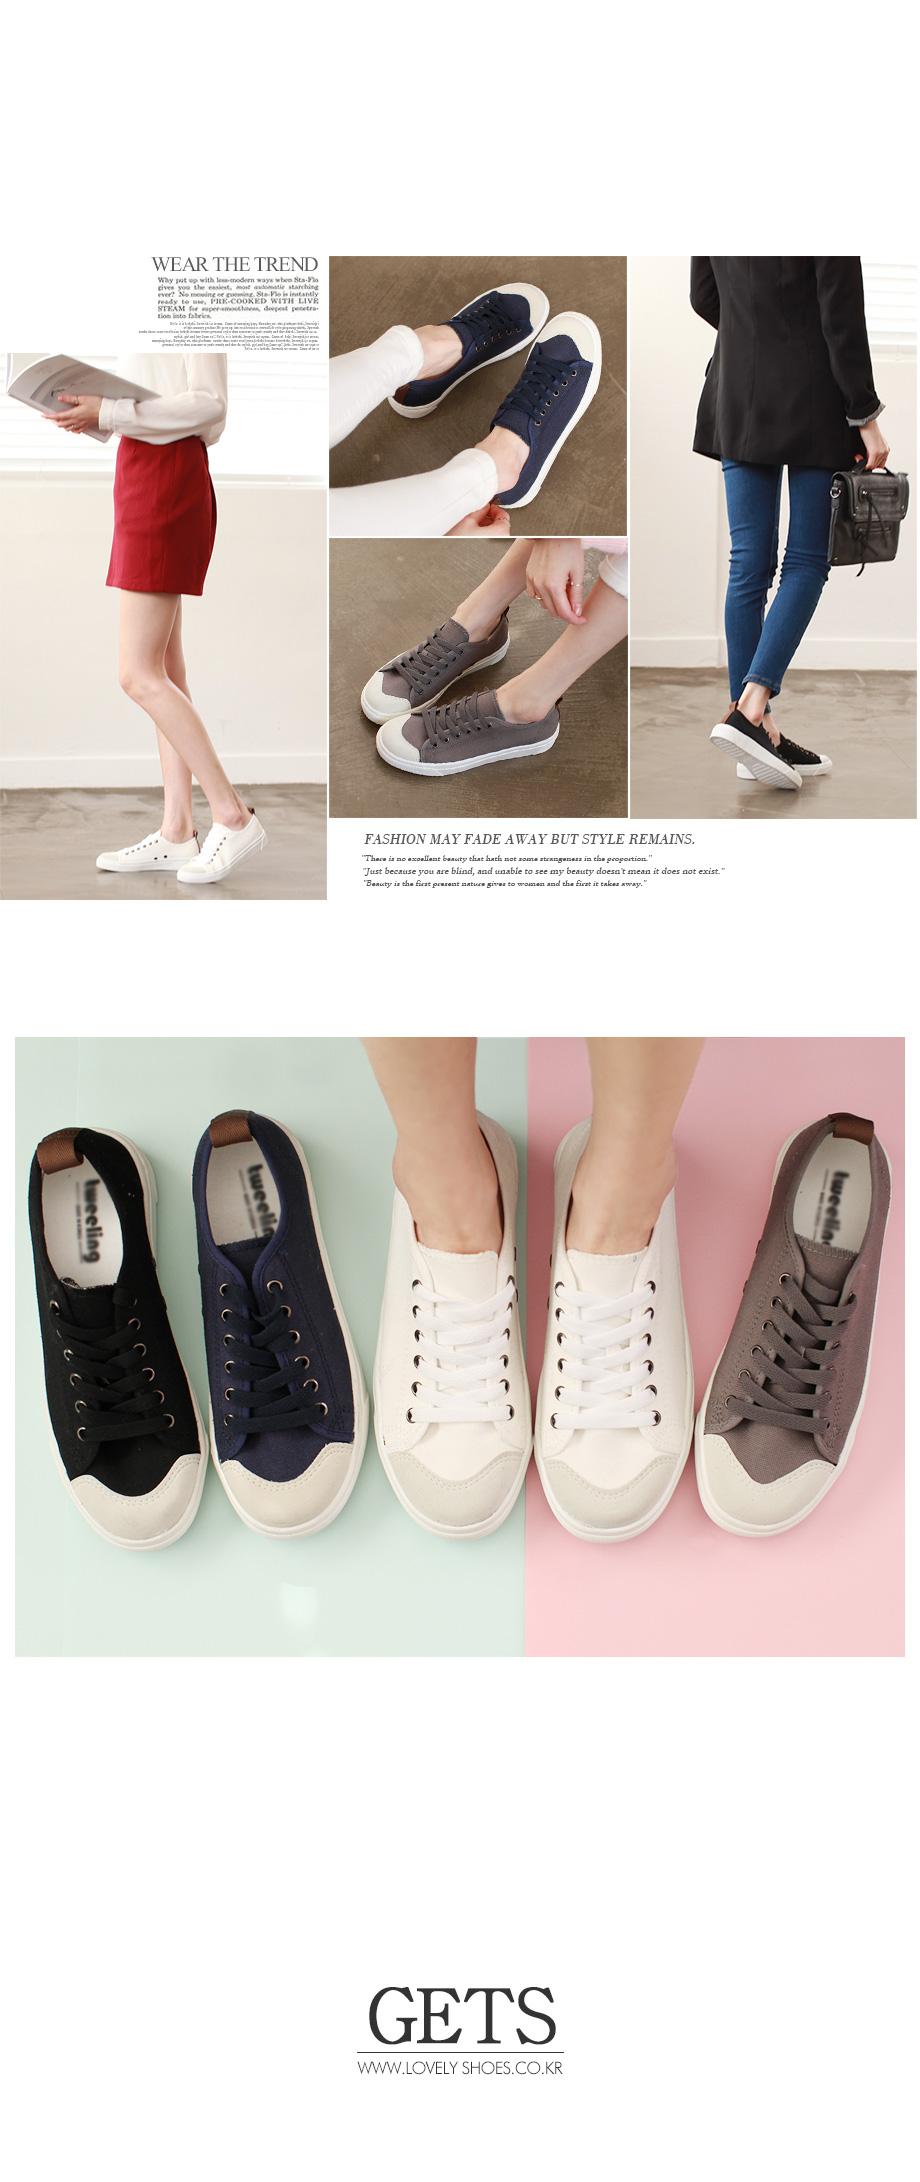 Getts Sneakers 1 + 1